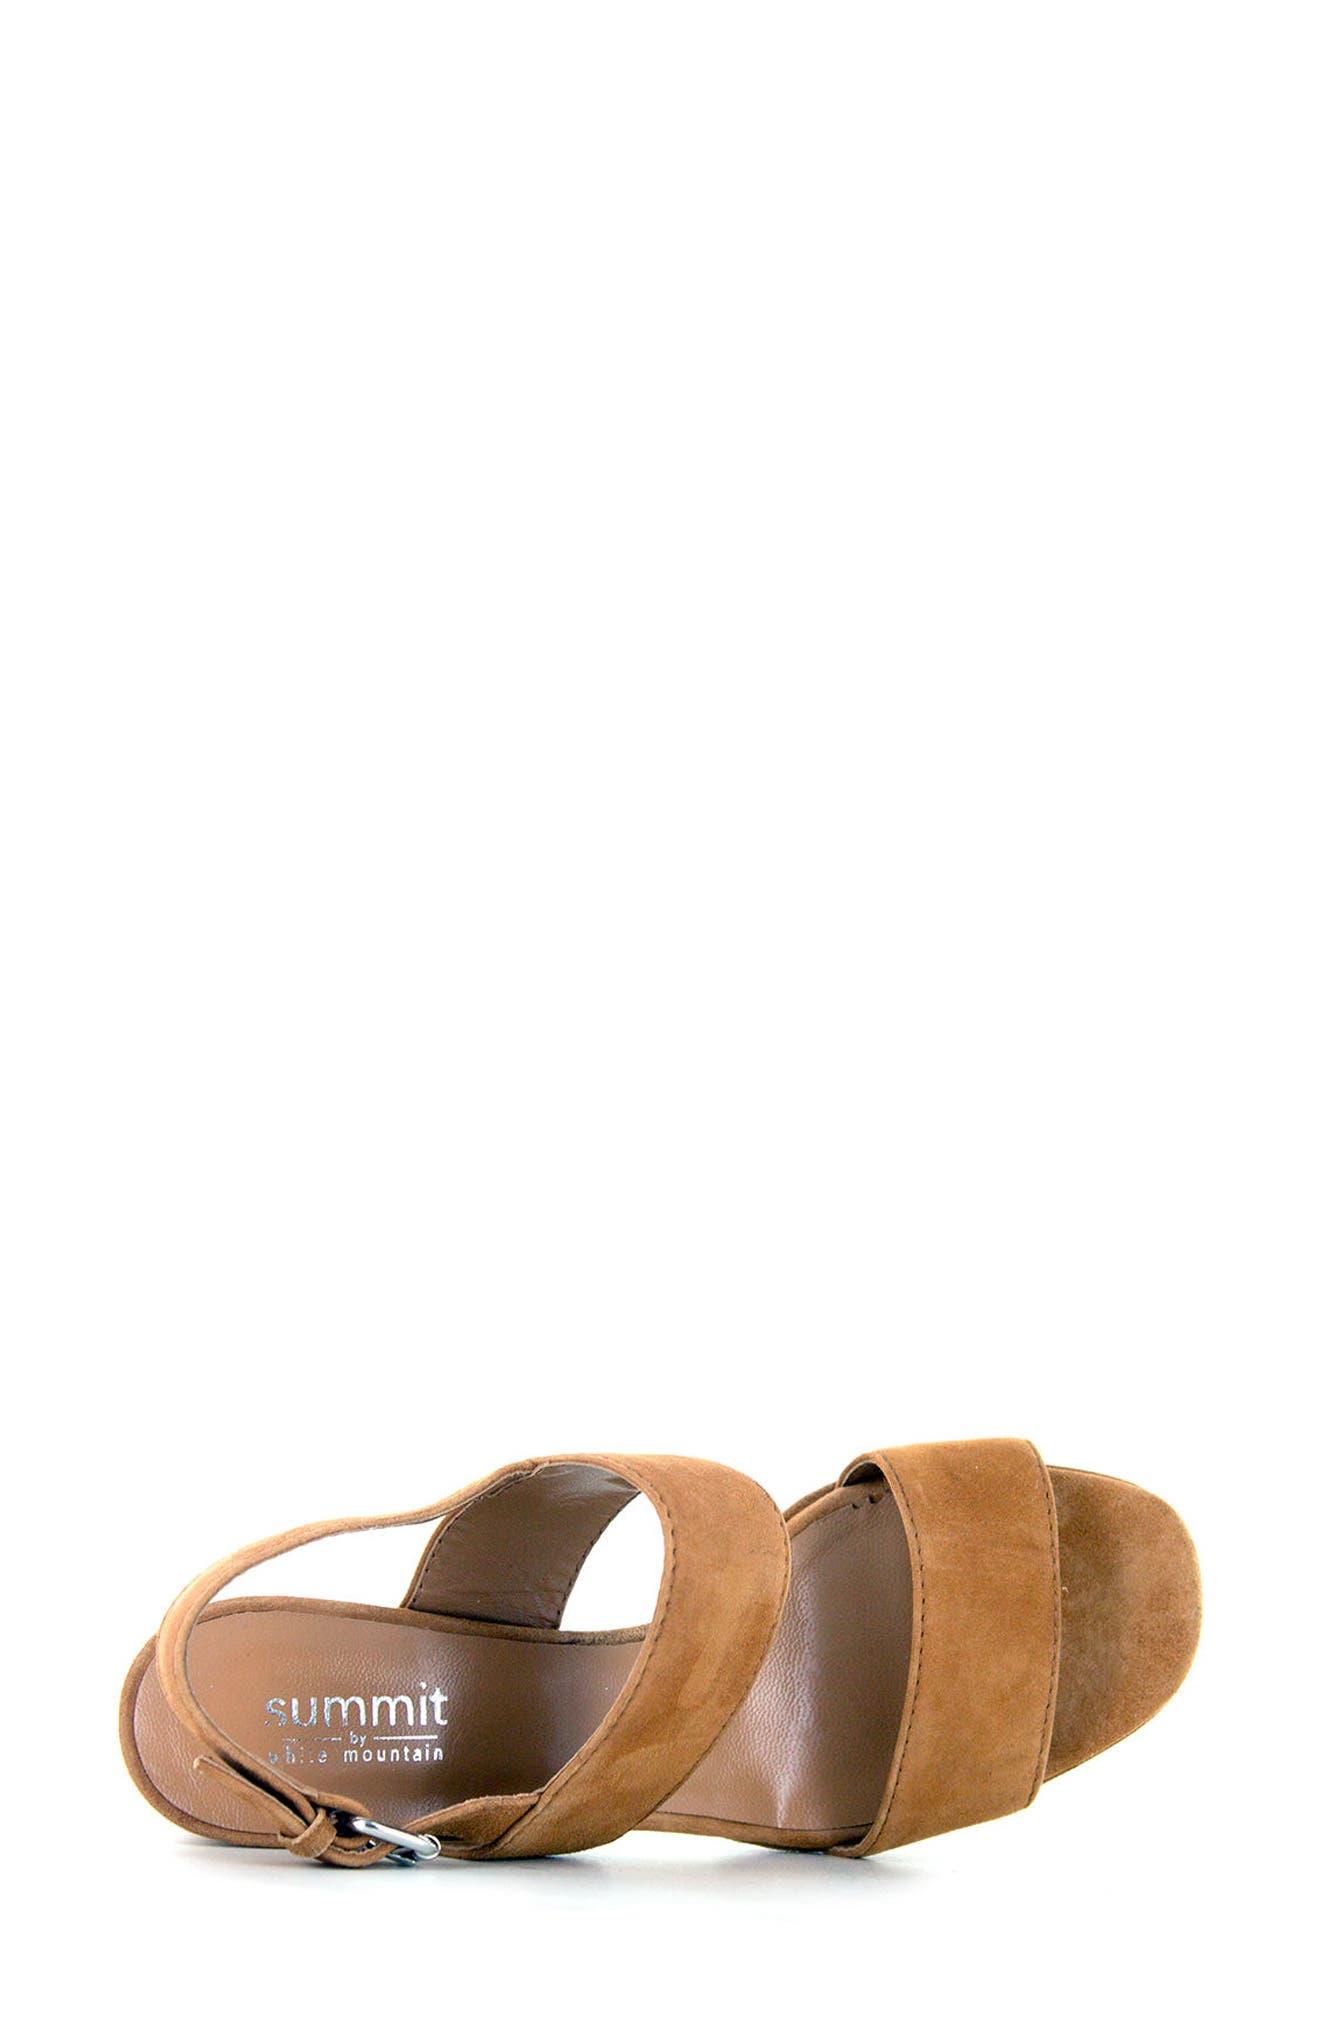 Summit Emilia Block Heel Sandal,                             Alternate thumbnail 9, color,